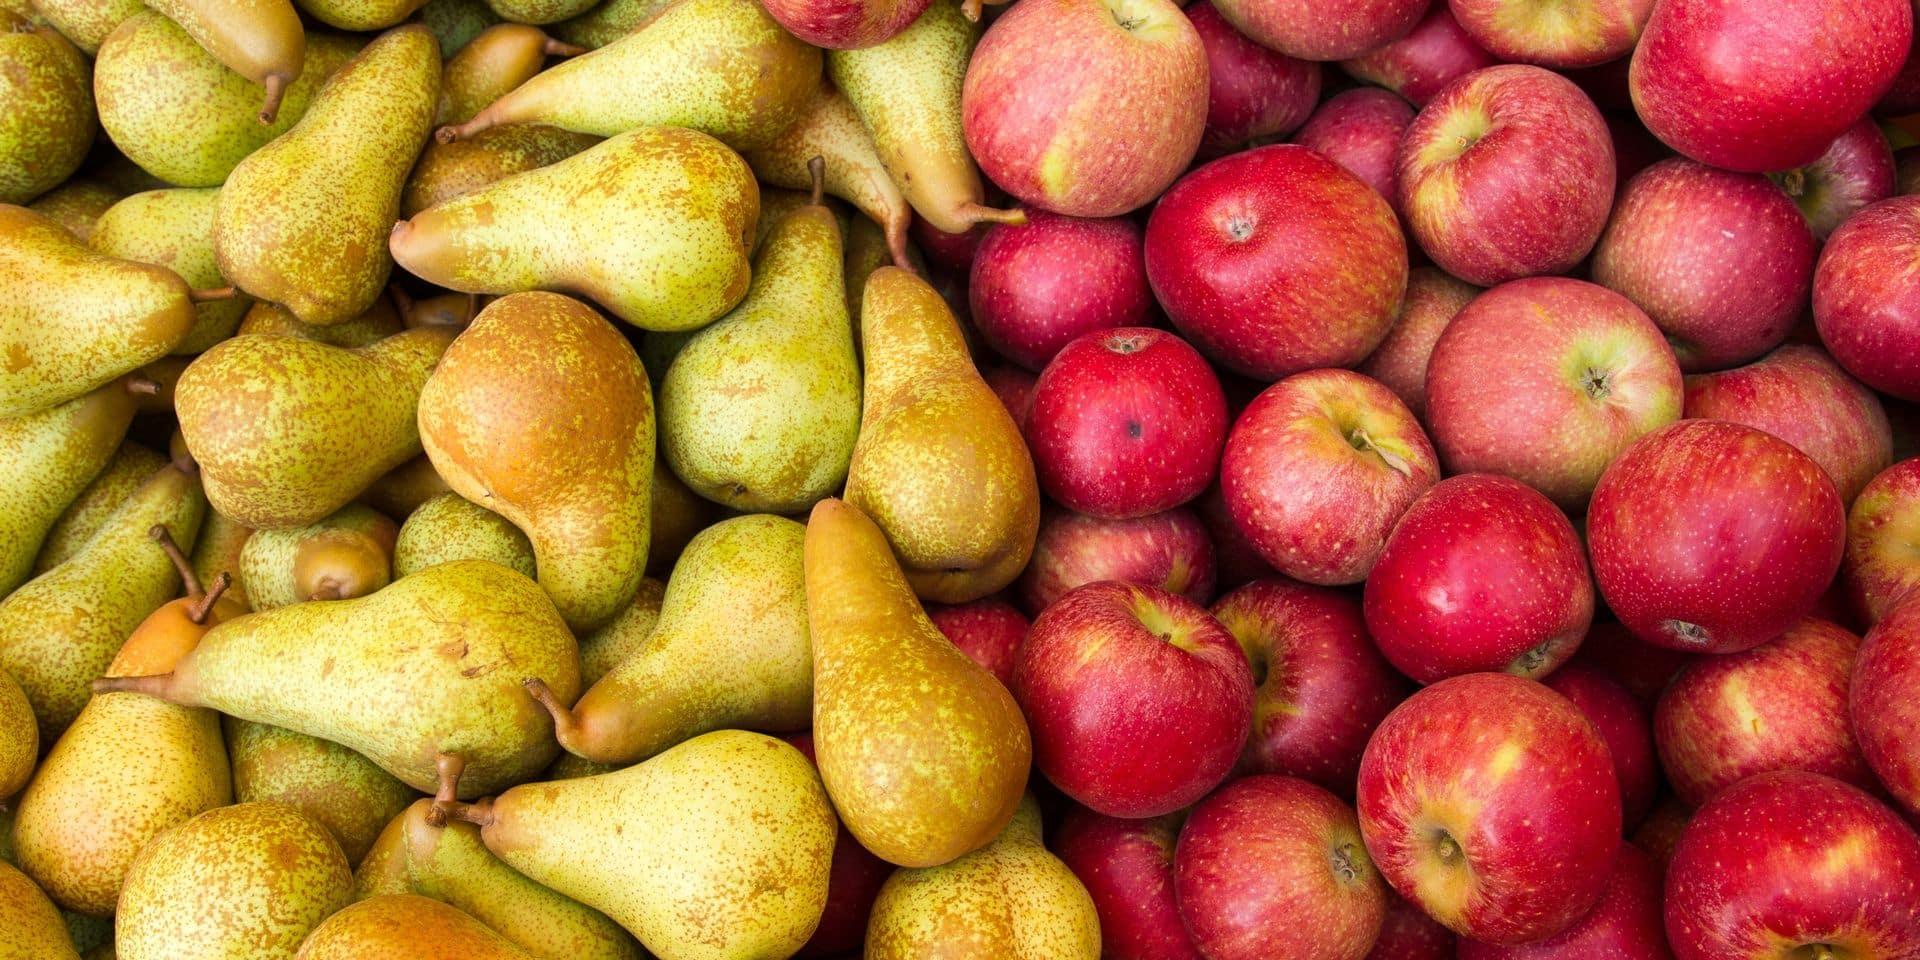 Un flop dans les supermarchés pour les pommes et poires Fairebel